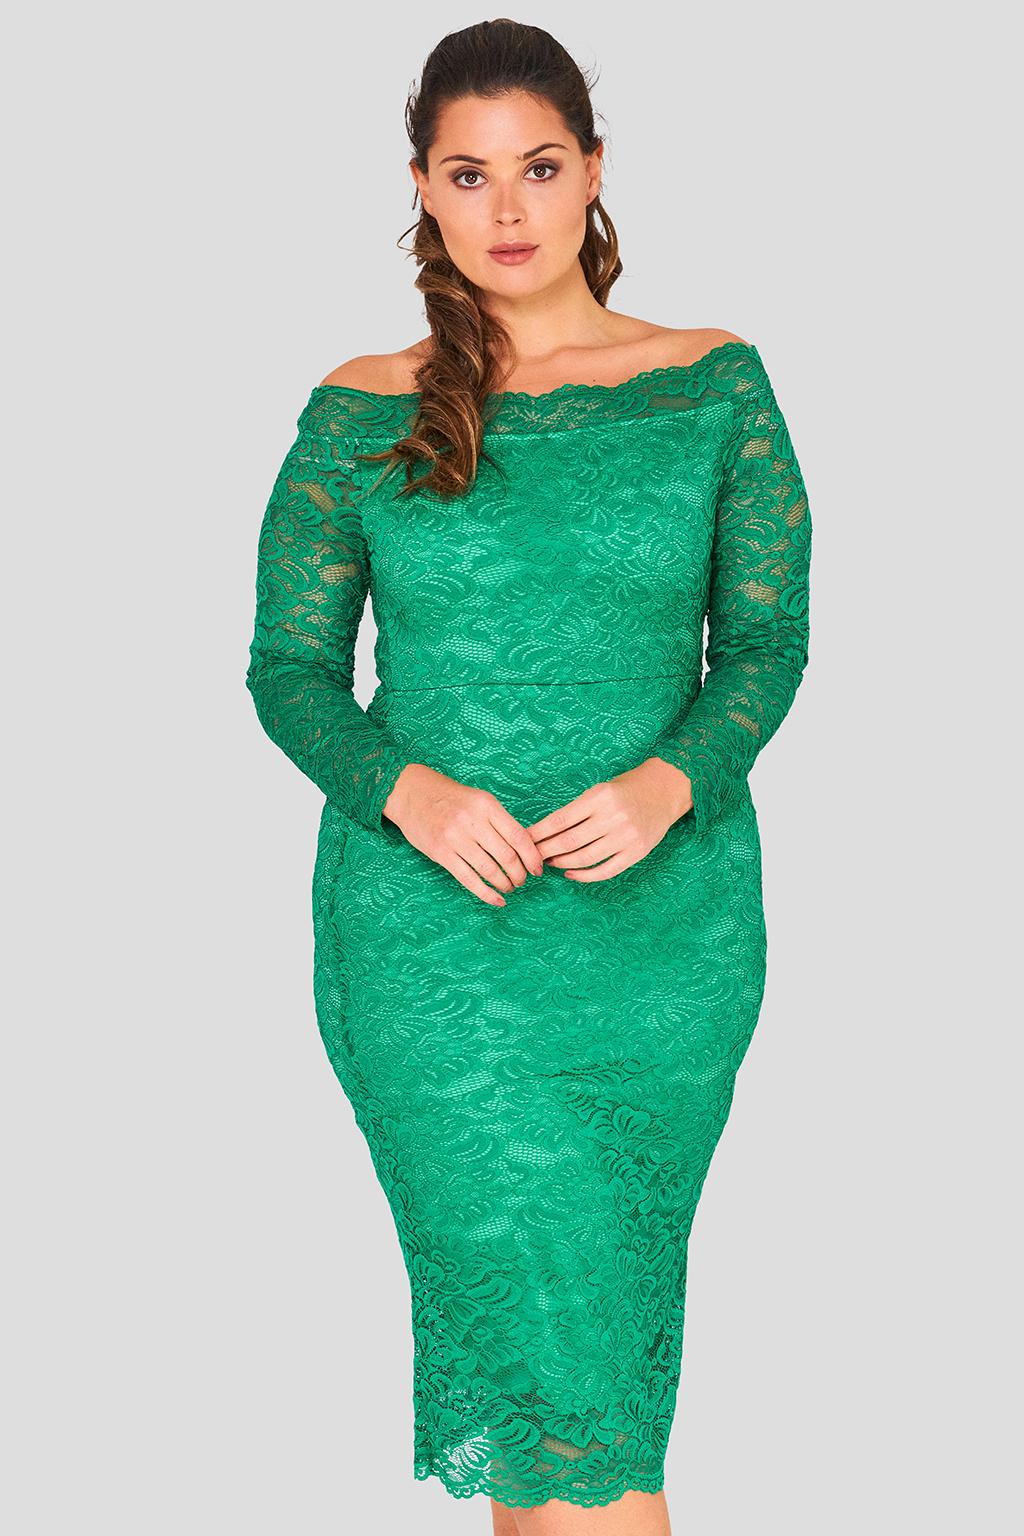 Bardot Lace Dress Wholesale